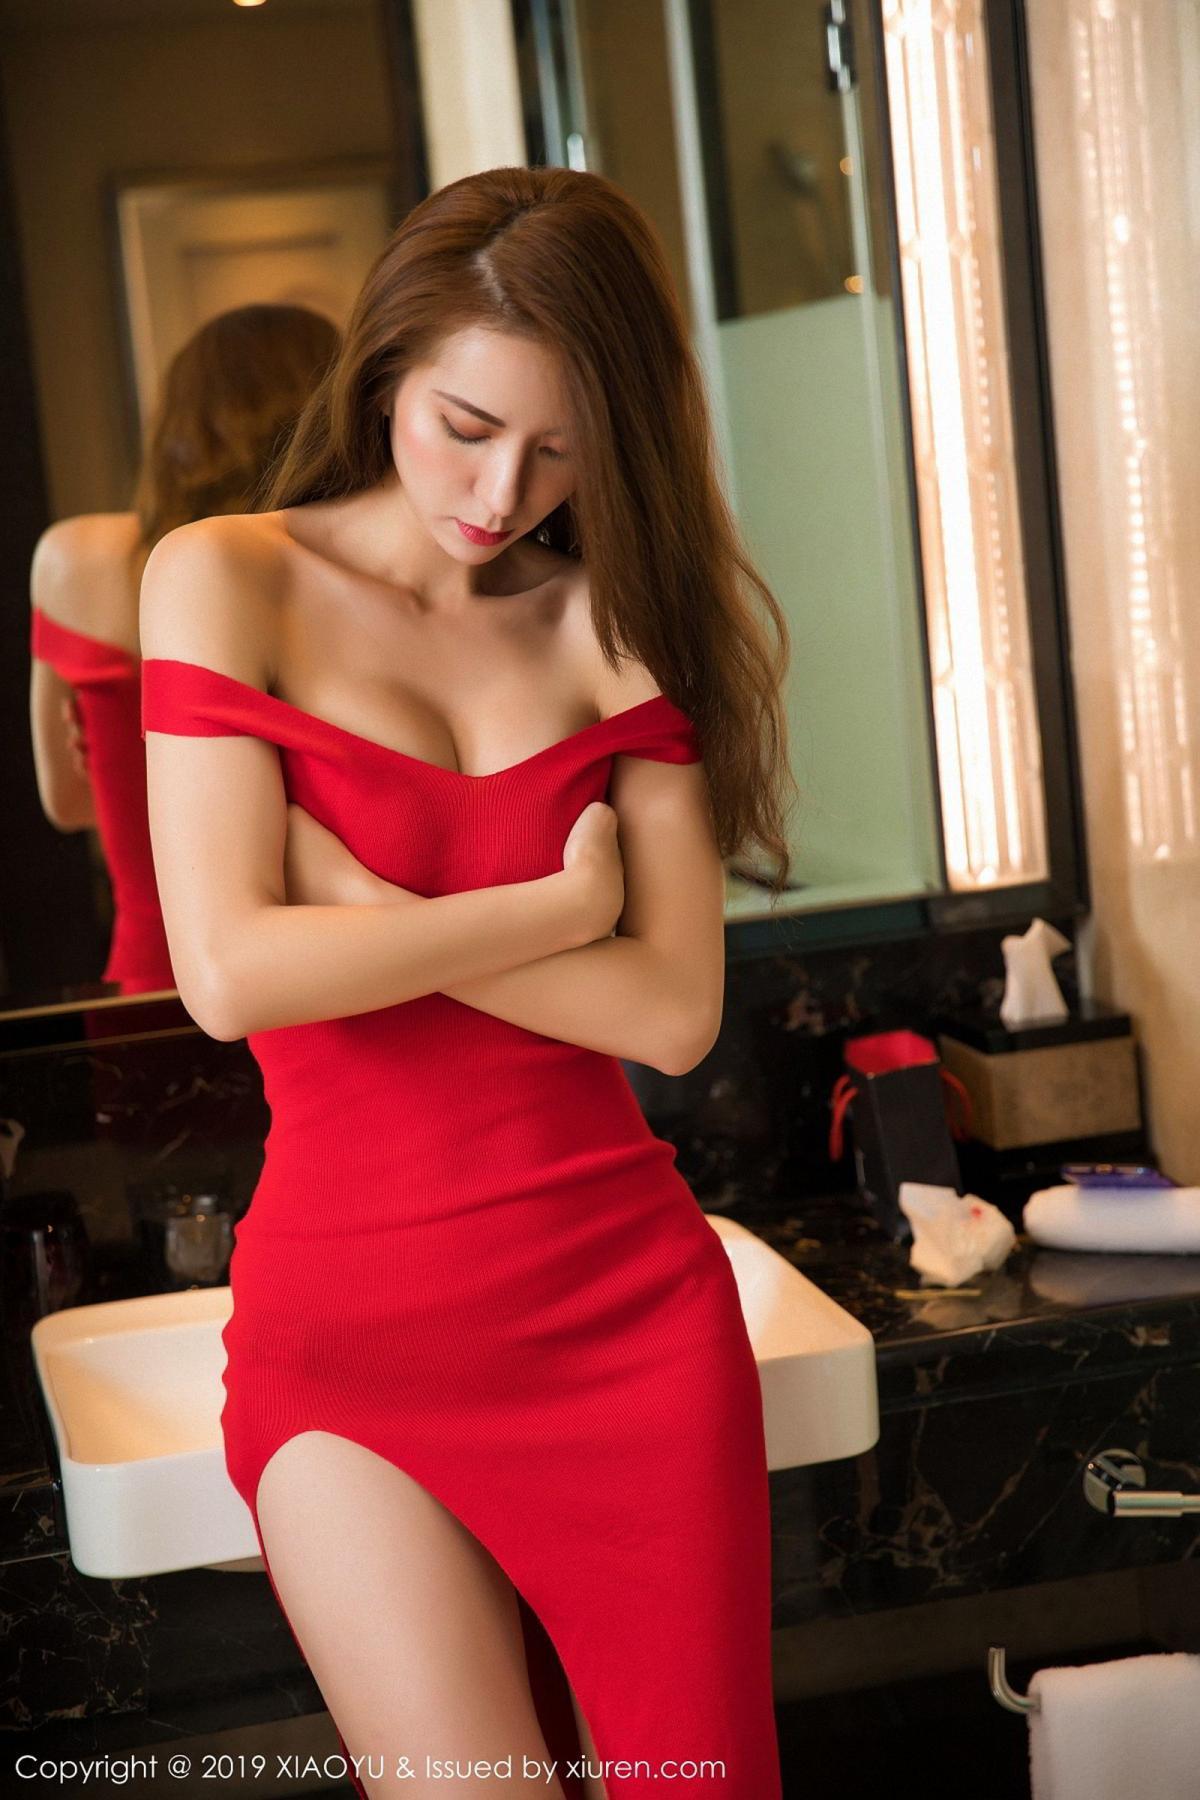 [XiaoYu] Vol.033 Chen Liang Ling 11P, Chen Liang Ling, Tall, Underwear, XiaoYu